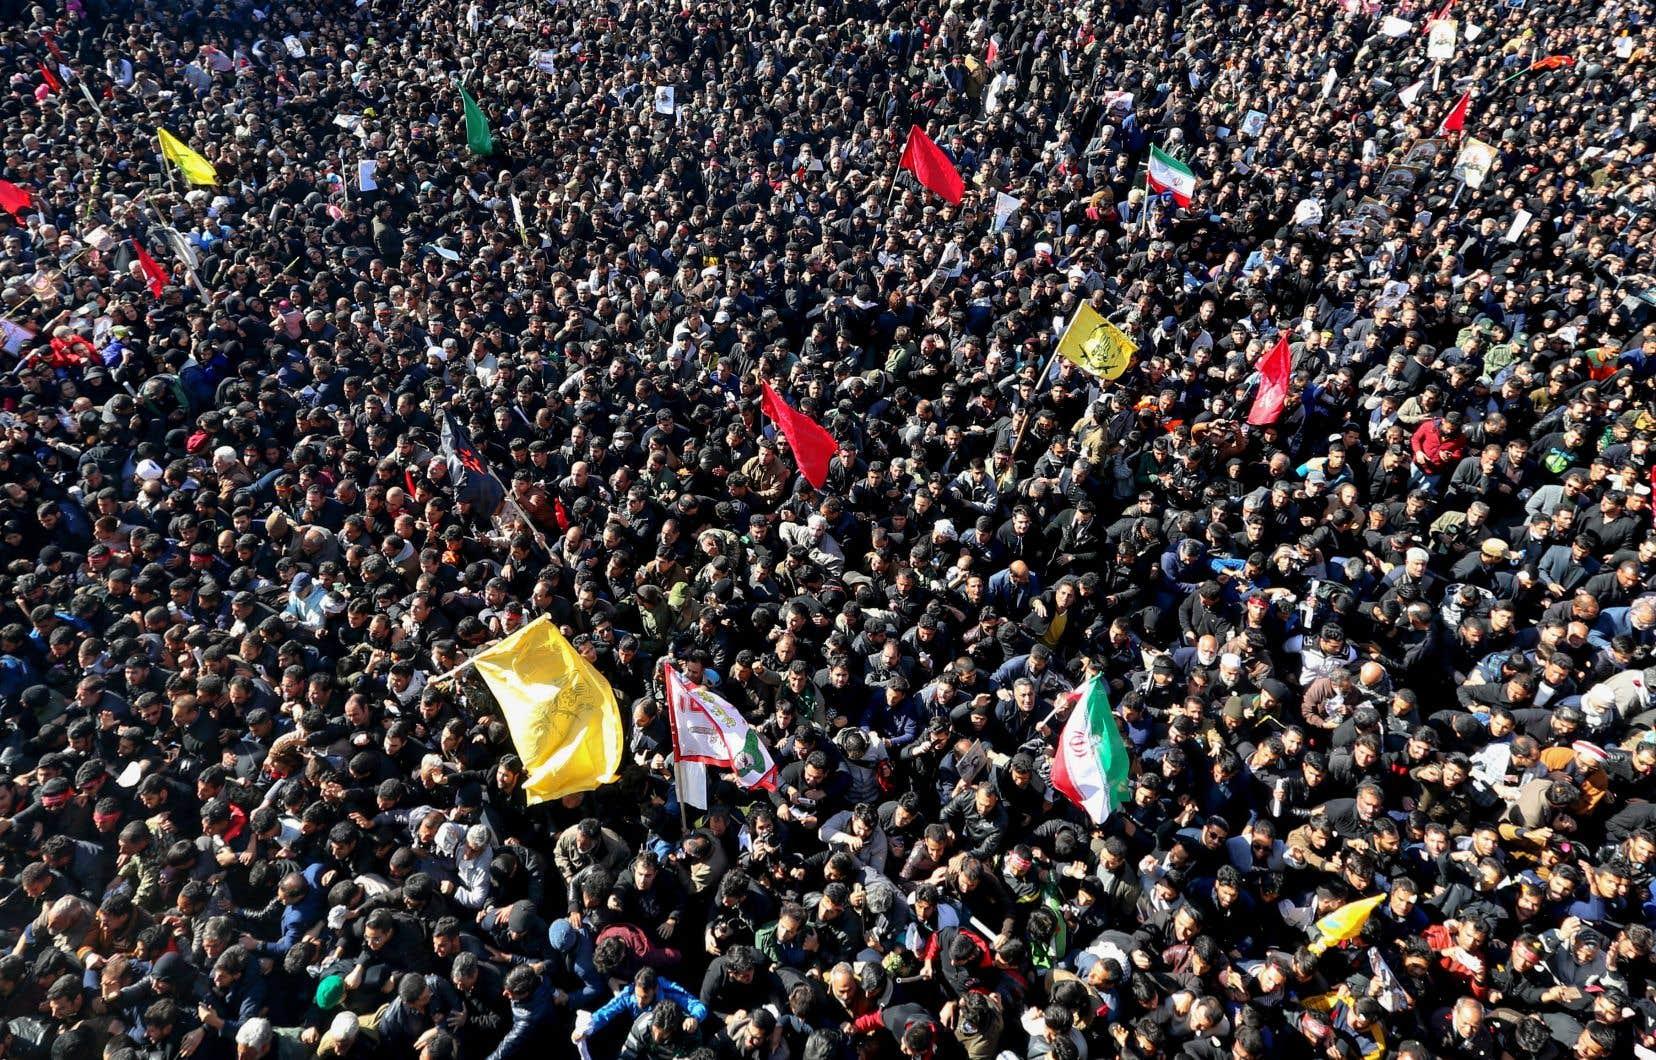 À Kerman, la ville natale du général Soleimani, les Iraniens ont attendu toute la nuit sur les lieux pour assister aux funérailles.